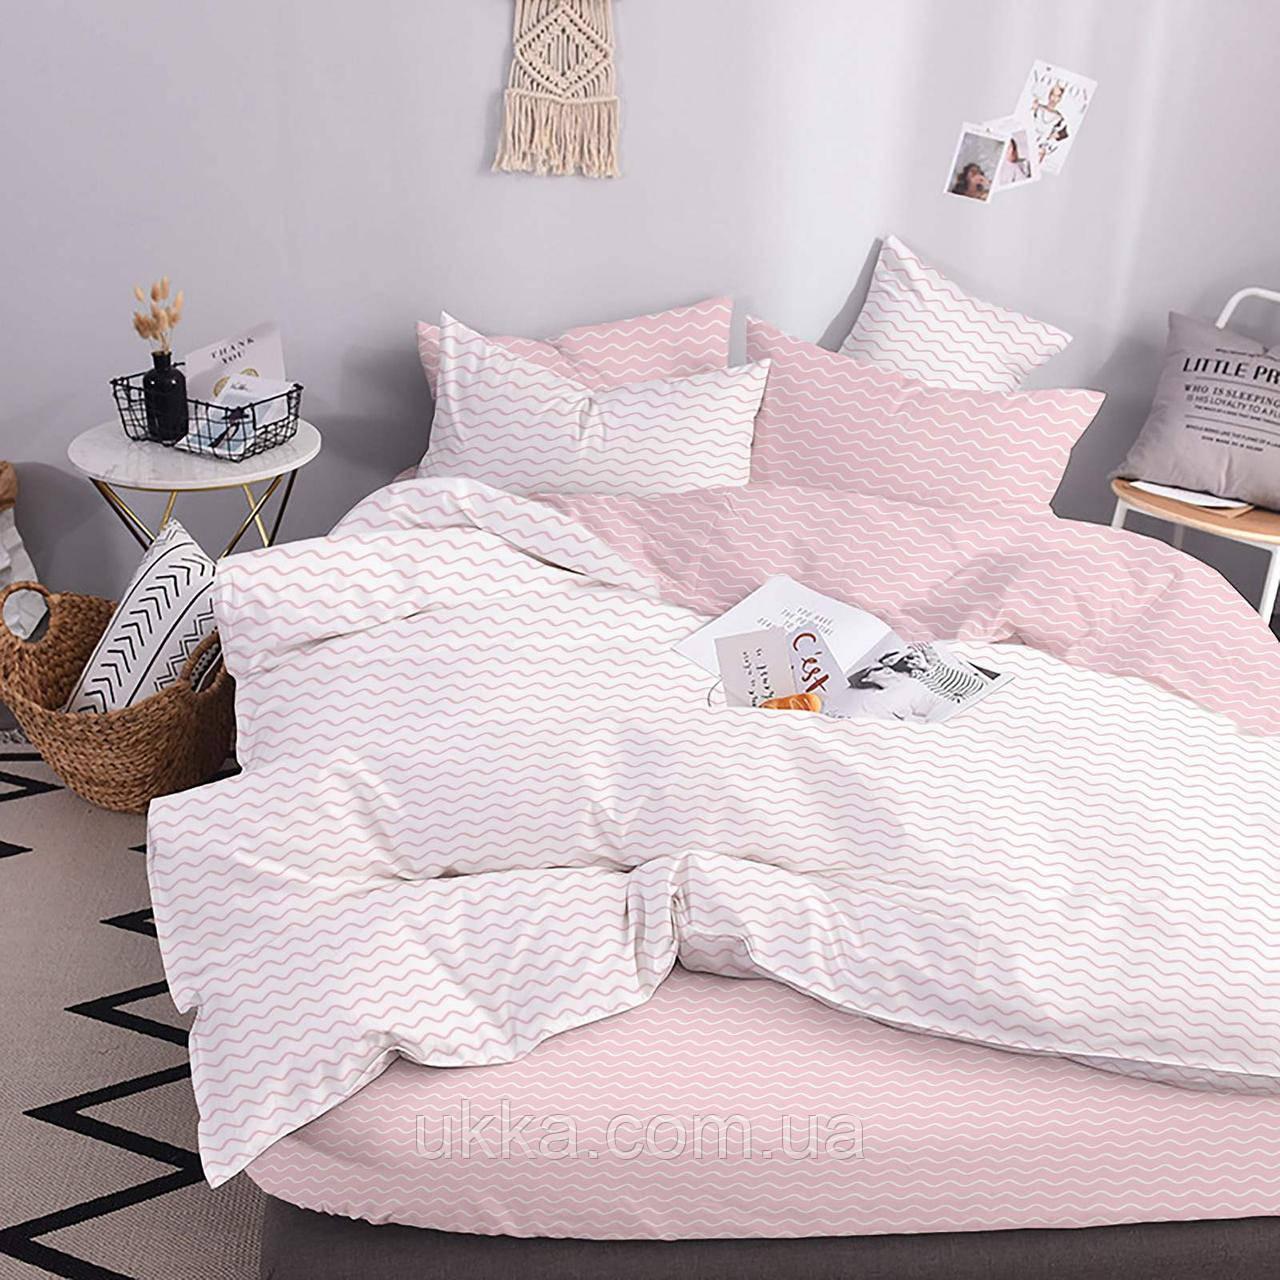 Двуспальное постельное белье ТЕП 333 Strawberry Dream